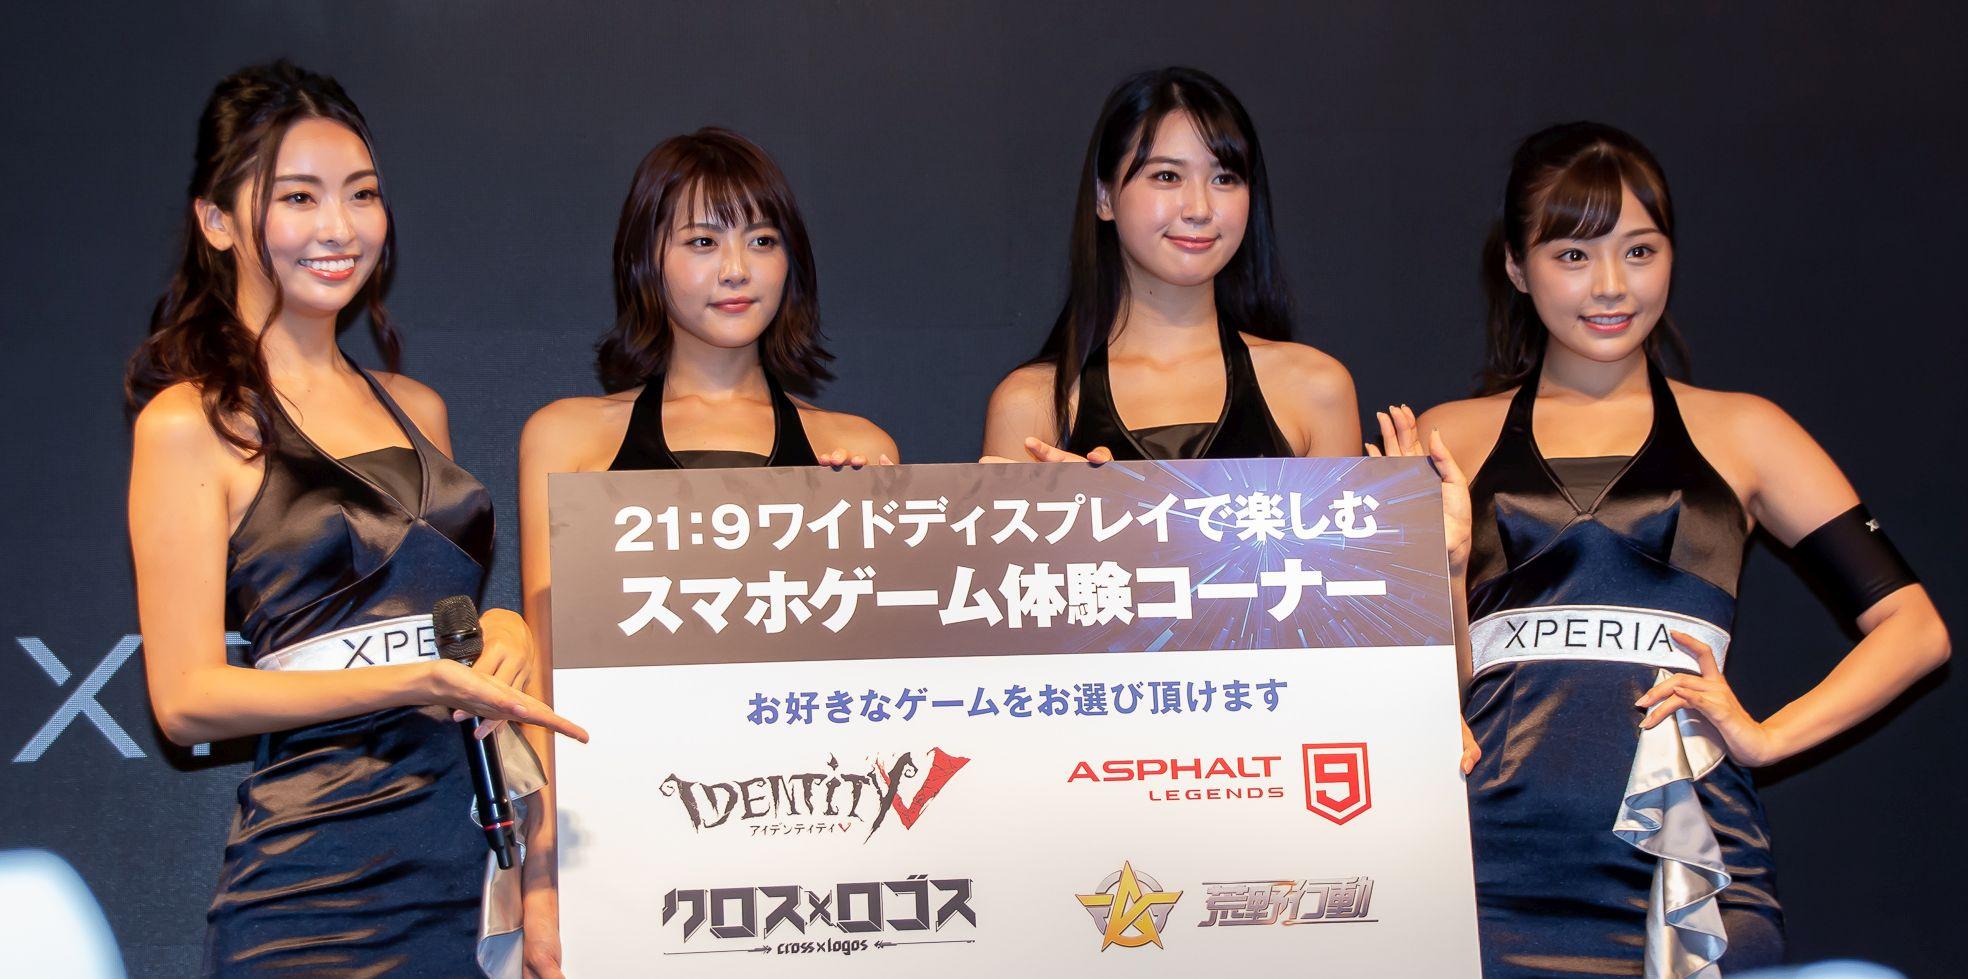 東京ゲームショウ2019 コンパニオンさん写真まとめ(Xperia) #TGS2019